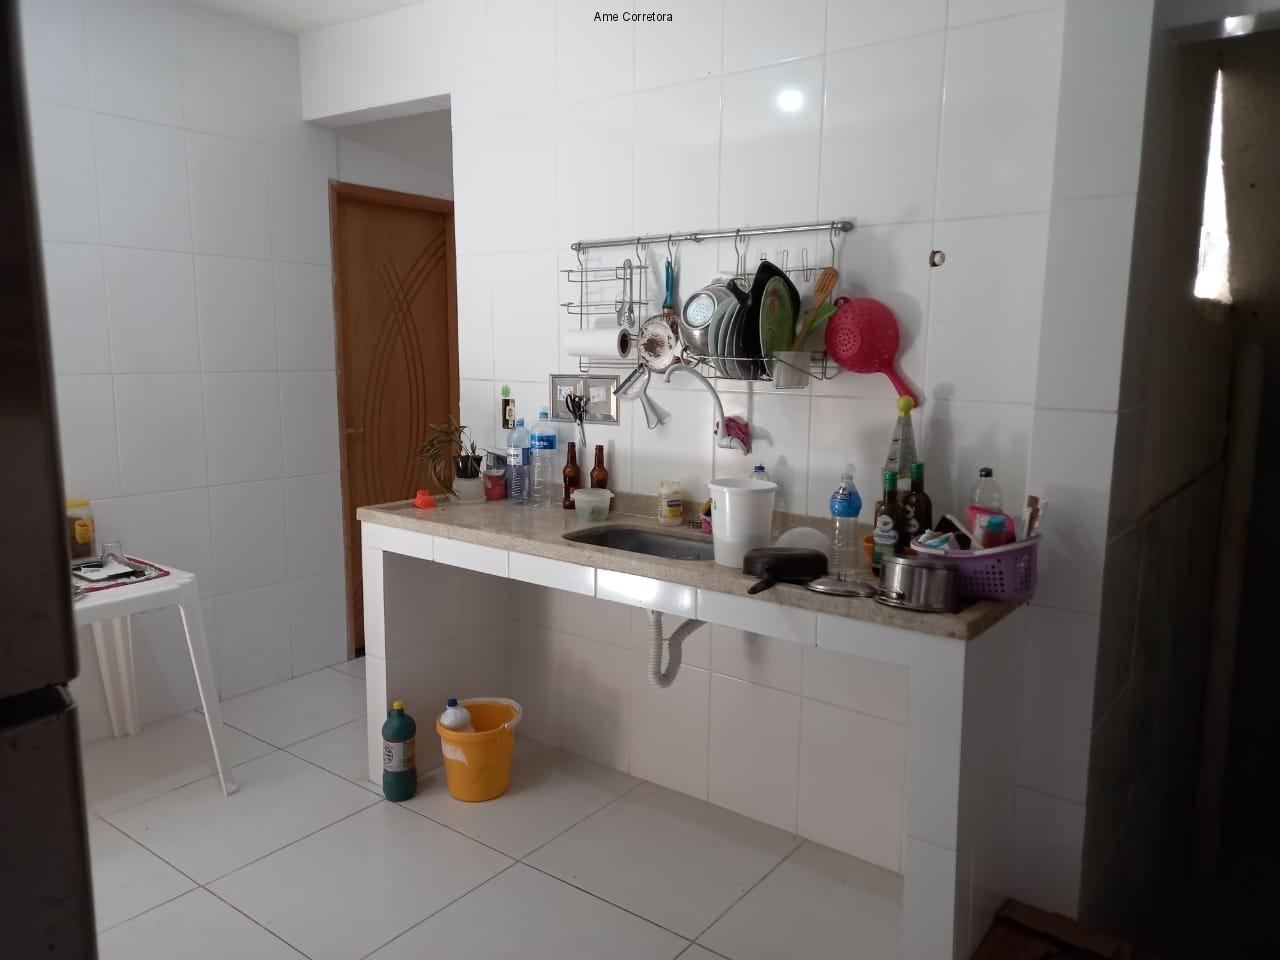 FOTO 07 - Casa 2 quartos para venda e aluguel Campo Grande, Rio de Janeiro - R$ 250.000 - CA00858 - 8